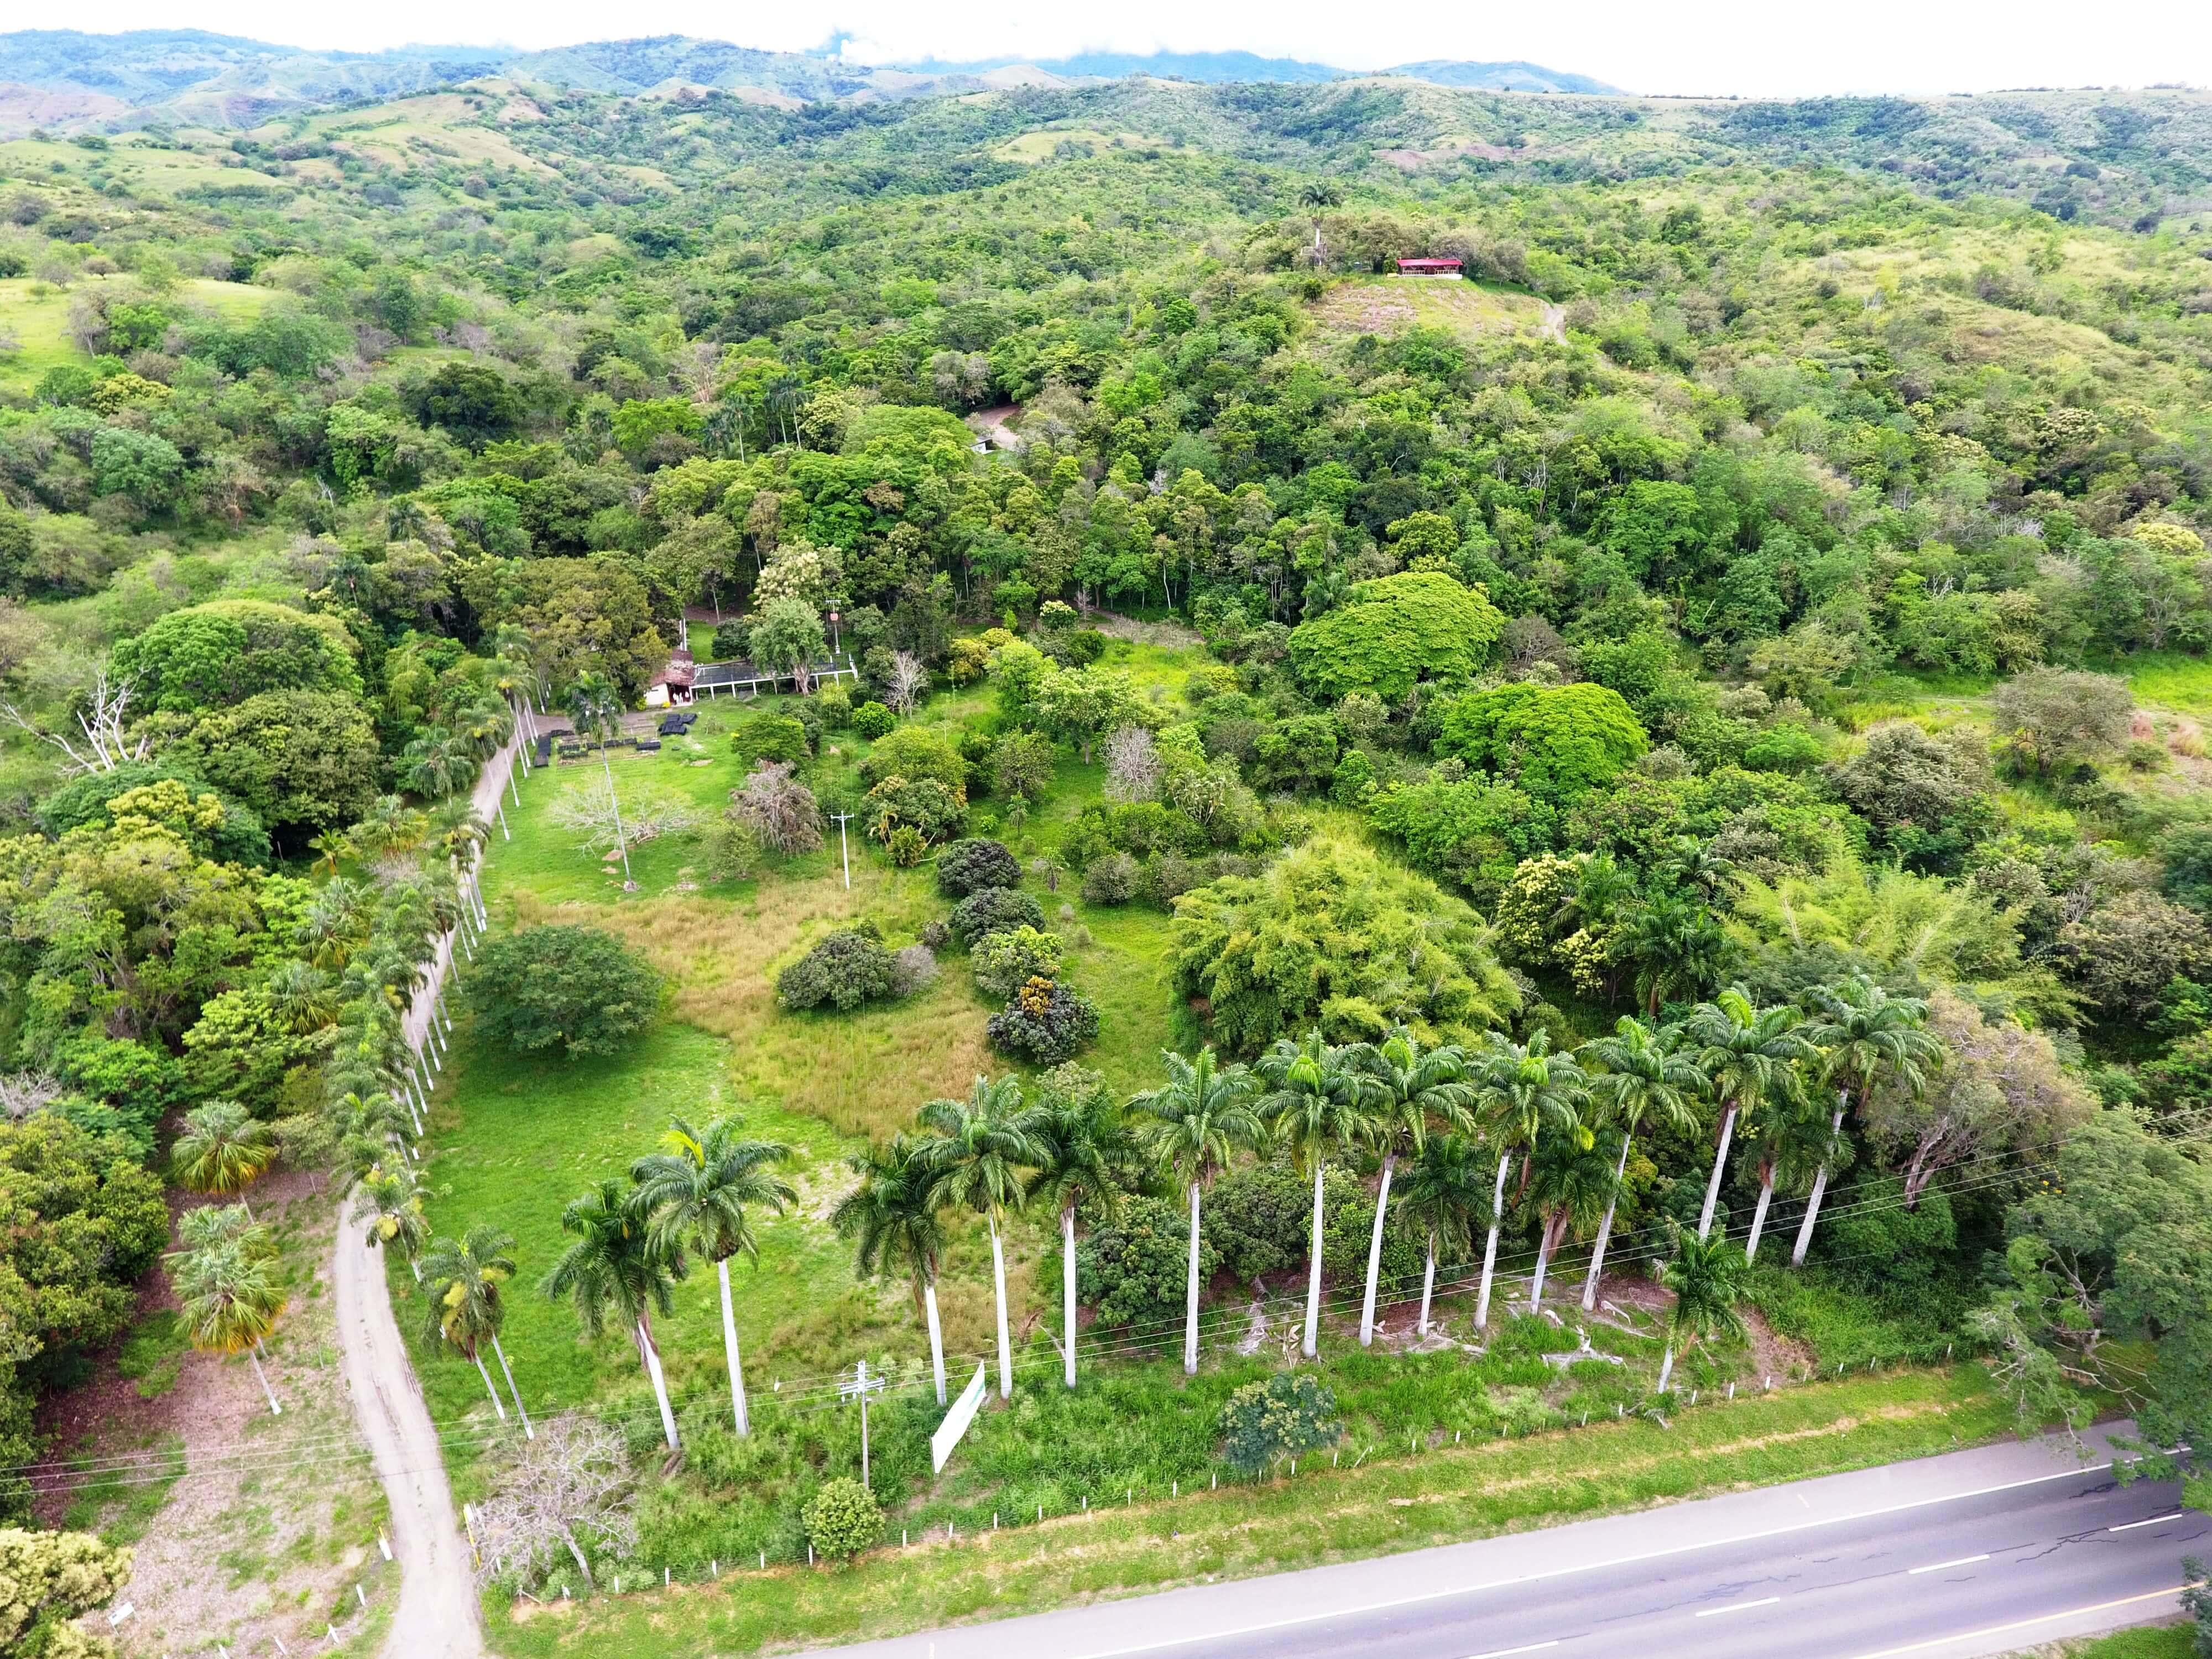 patrimonio-turistico/parque-natural-regional-el-vinculo---